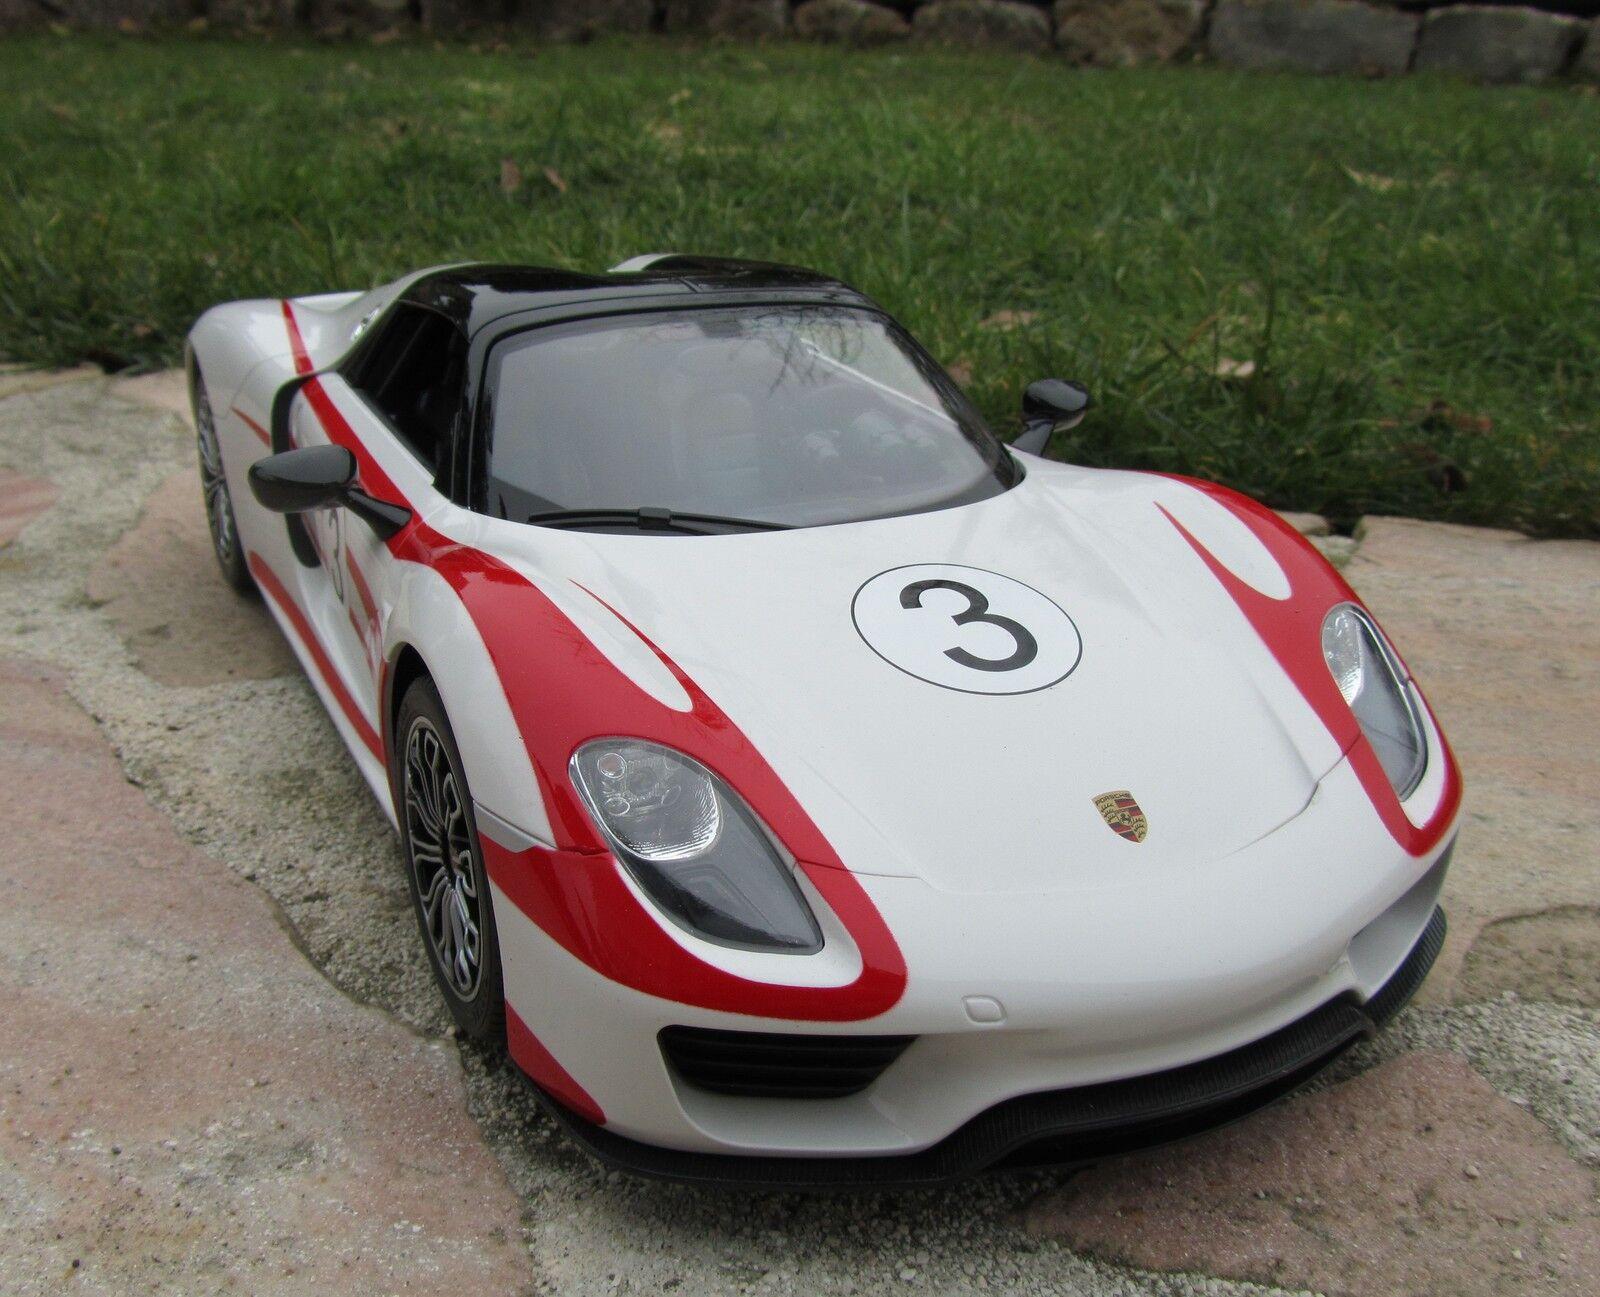 centro commerciale online integrato professionale RC Porsche 918 SPYDER RACE 40mhz licenza modellololo 34cm 34cm 34cm 1 14  Qualità Top  404582  all'ingrosso a buon mercato